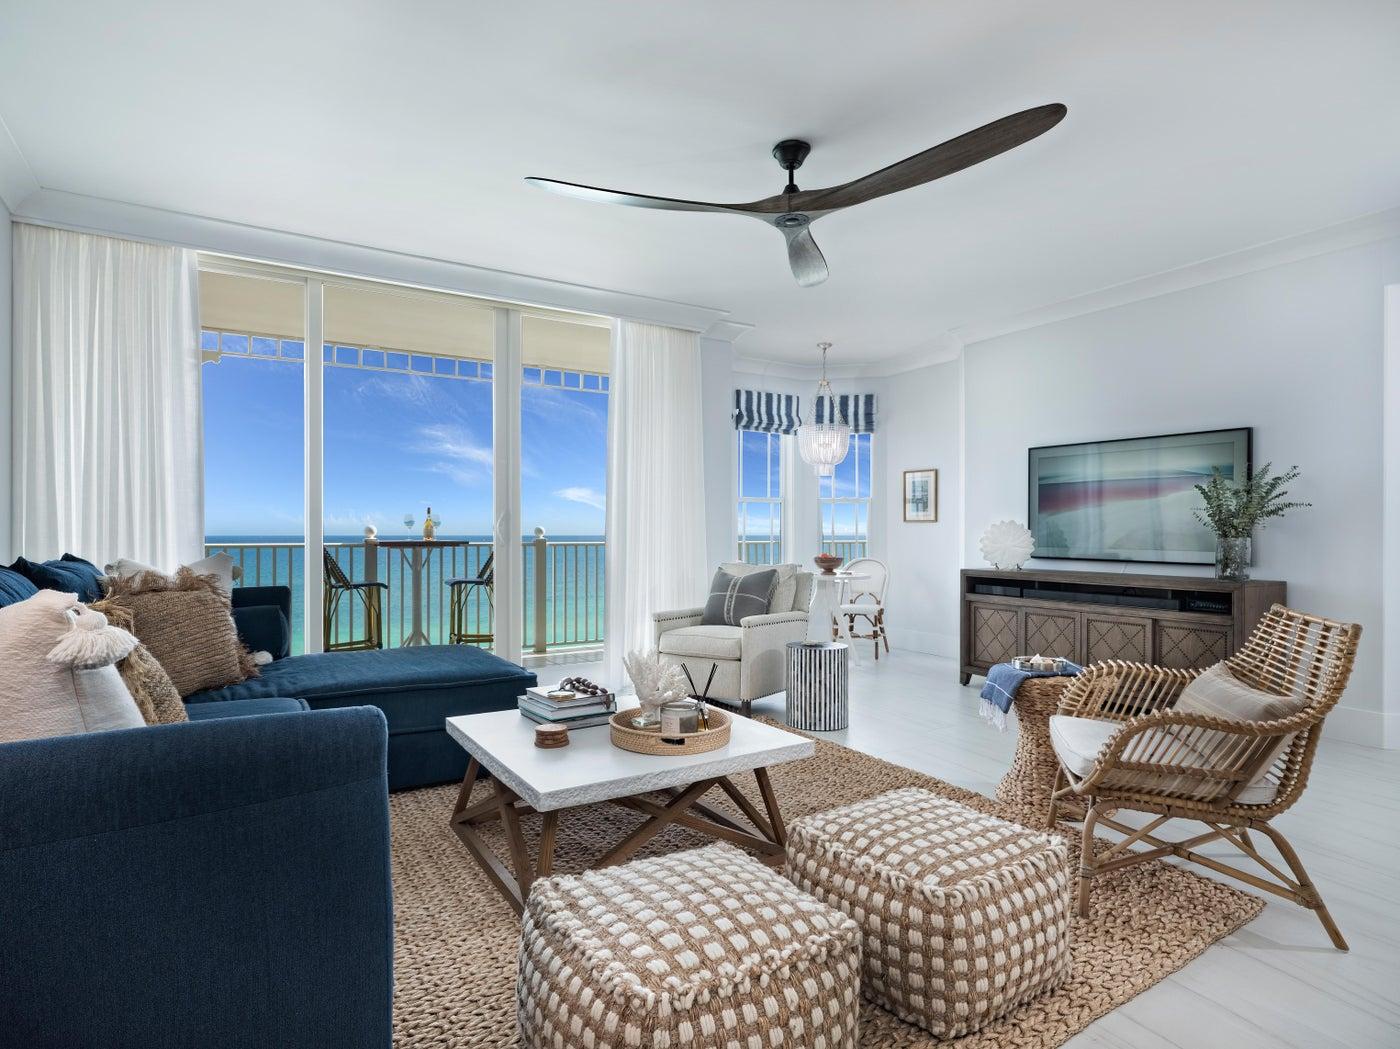 Jupiter Ocean Grande - Condo Renovation: Living Room with Views